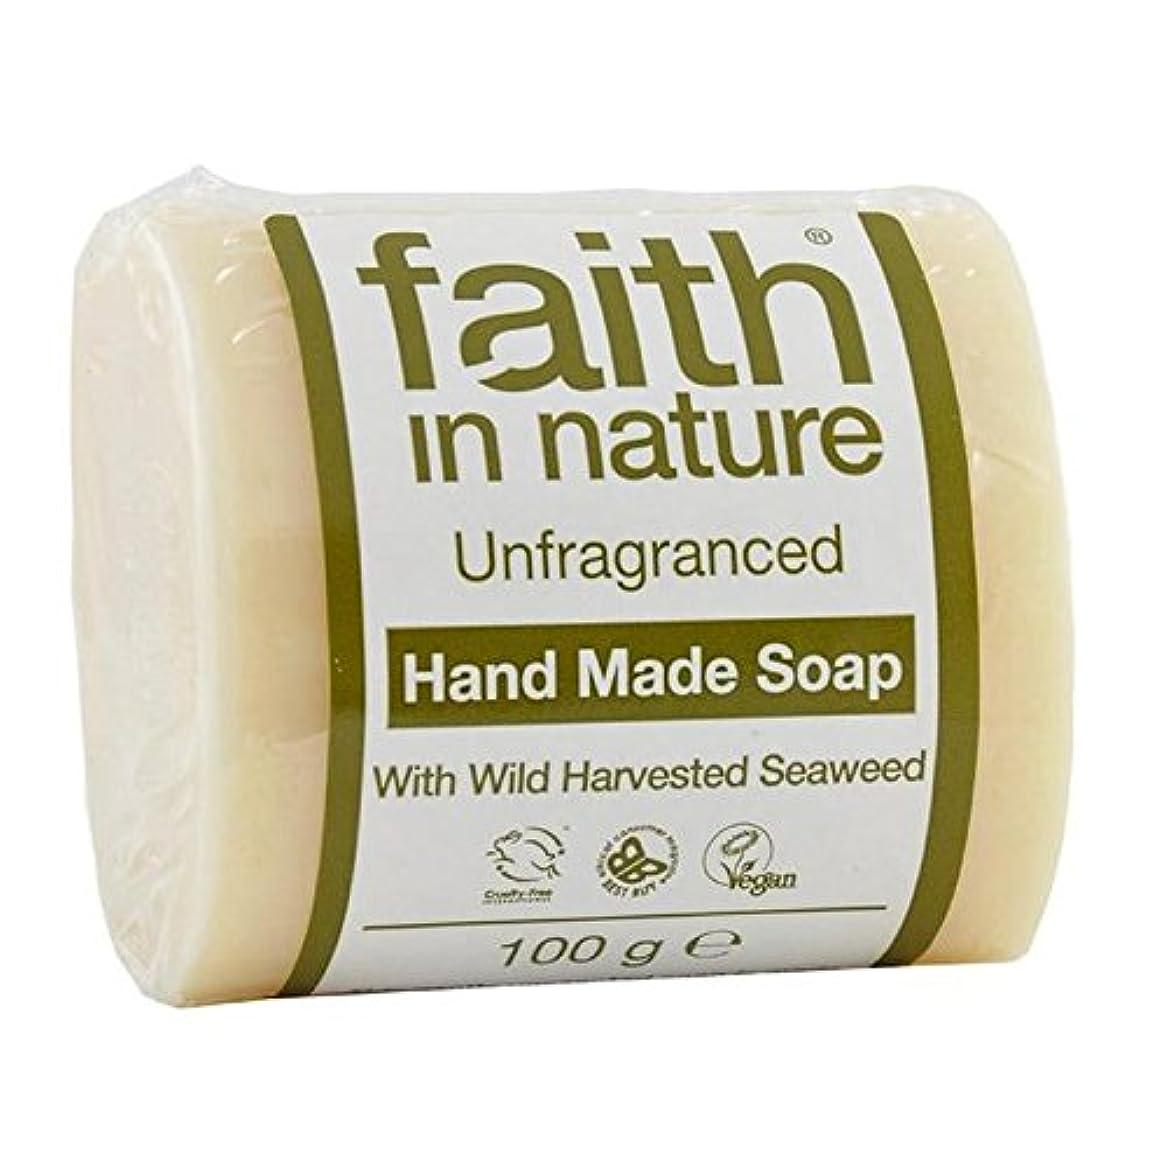 曲がった不信修理工Faith in Nature Unfragranced Pure Hand Made Soap 100g (Pack of 2) - (Faith In Nature) 自然の中で信仰は純粋な手作り石鹸100グラムを無香料...